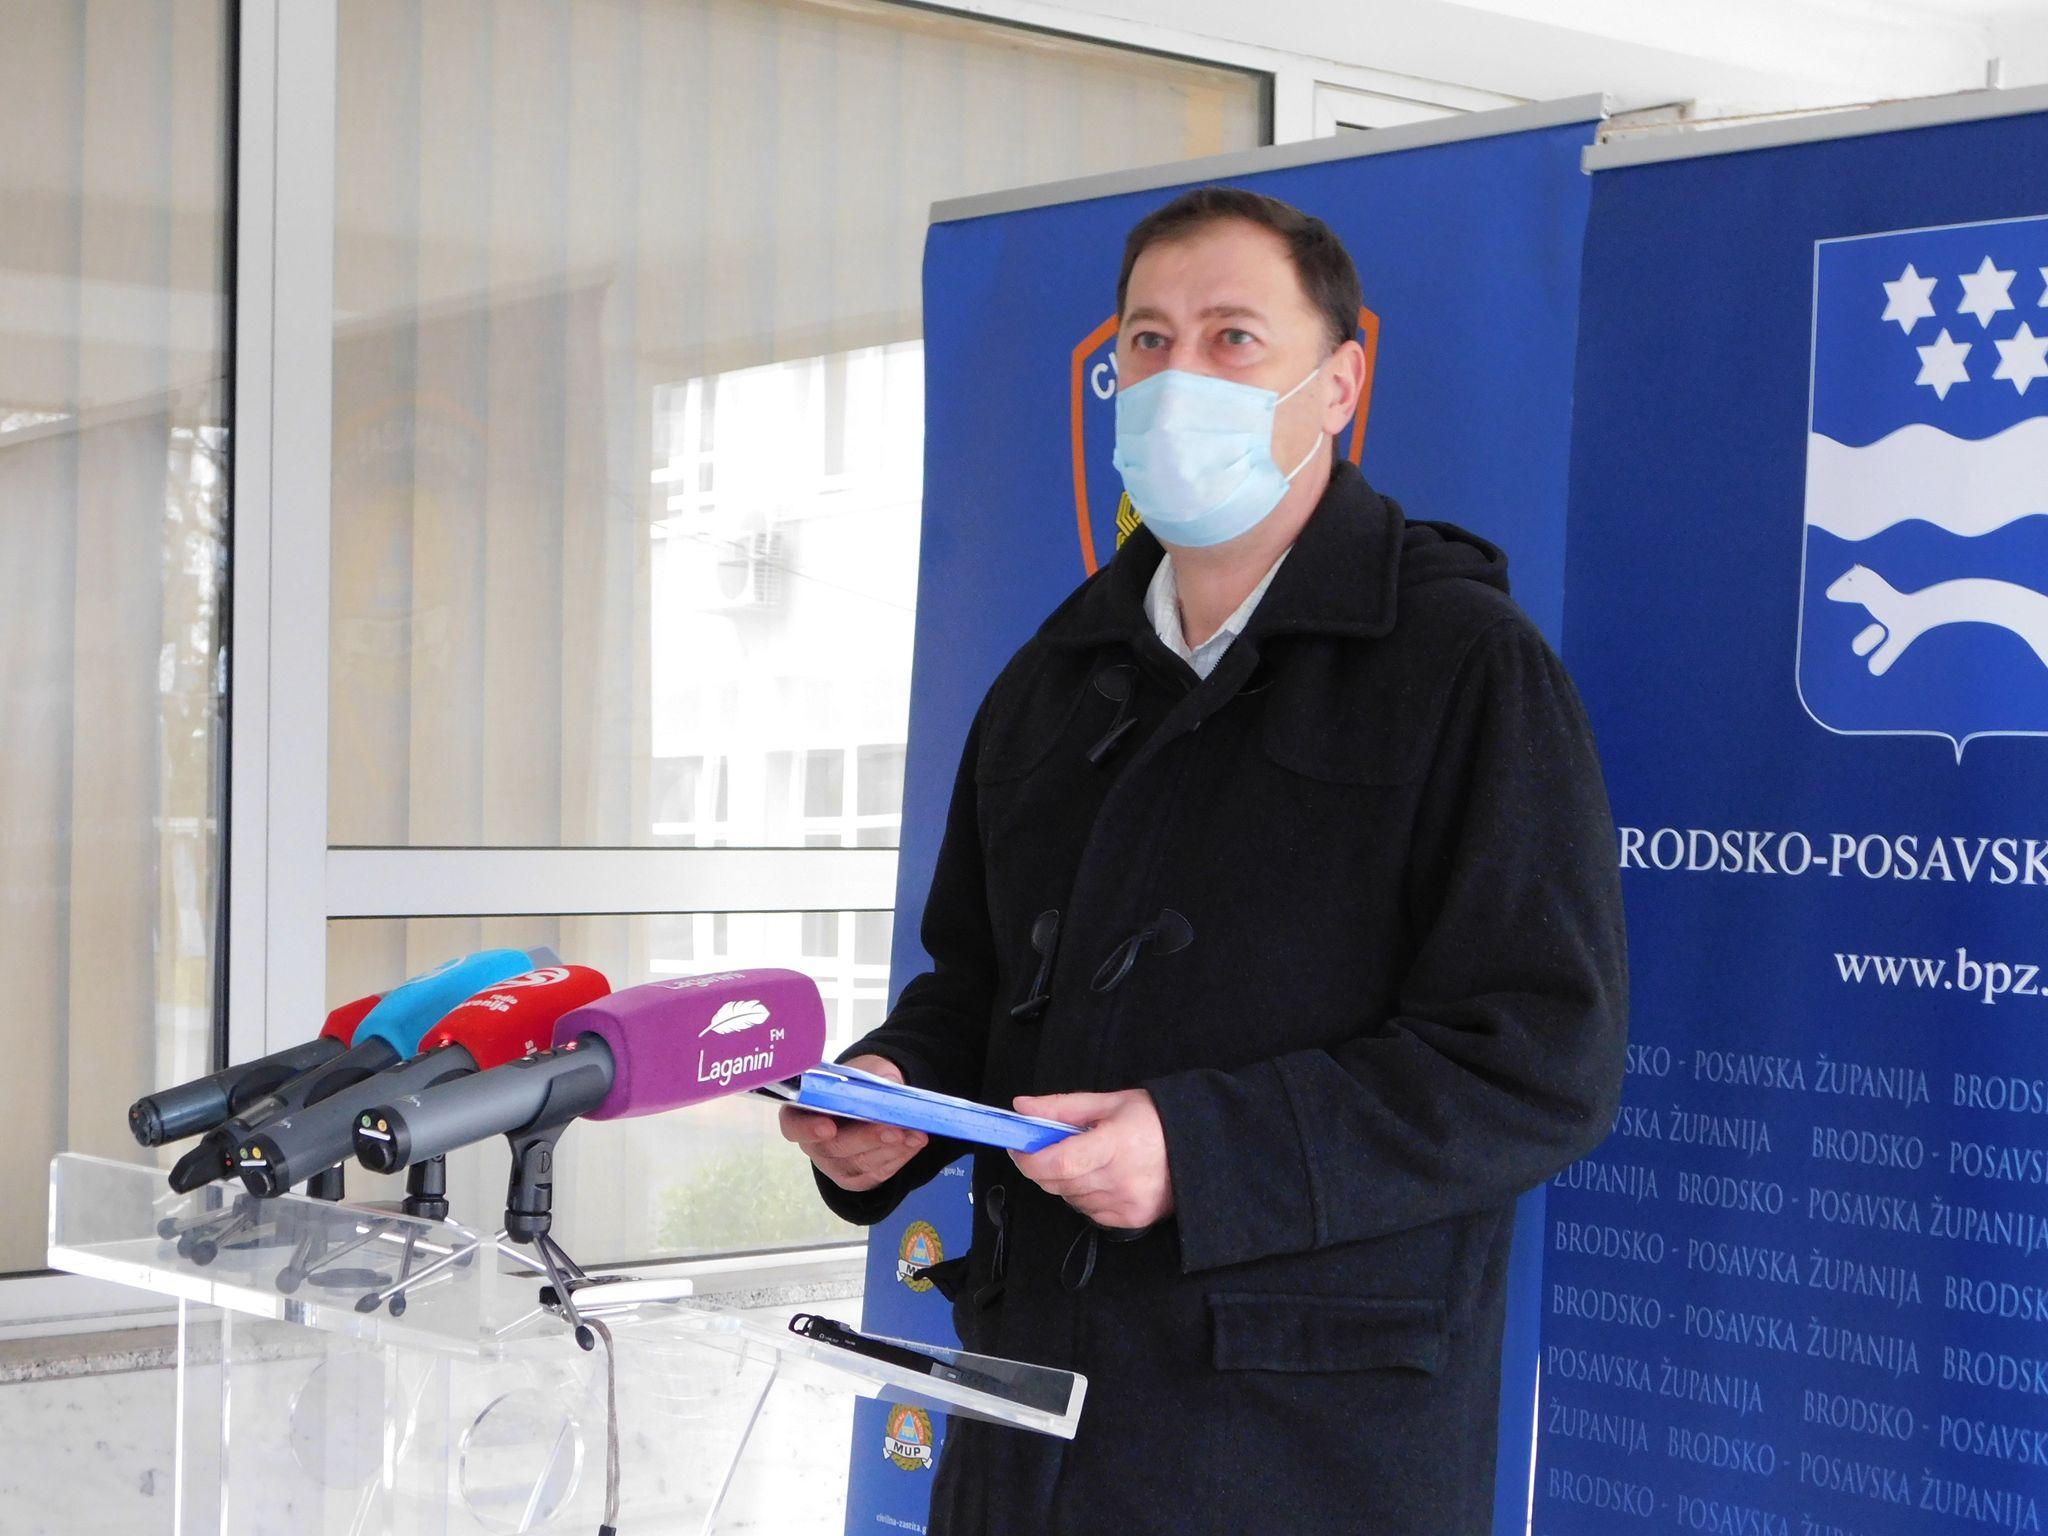 U Brodsko-posavskoj županiji danas 39 novih pozitivnih osoba, jedna osoba je preminula